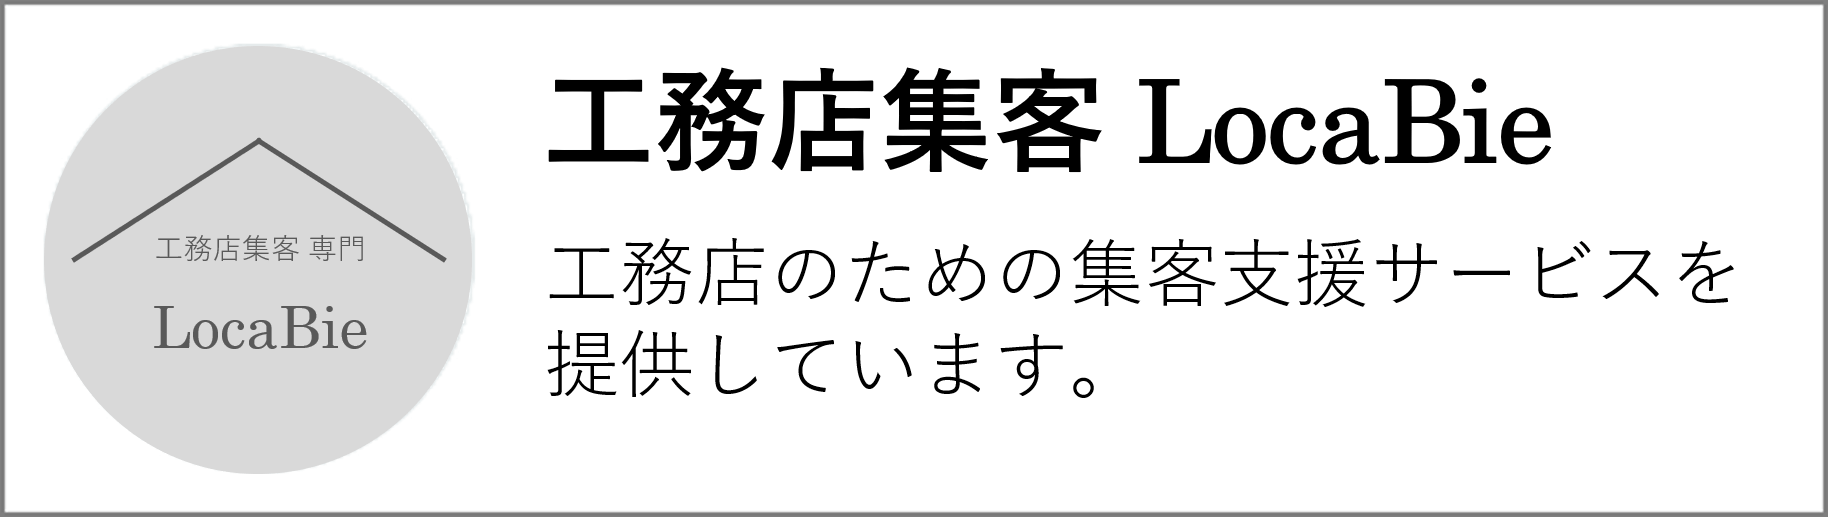 ロカビー 工務店集客サービス